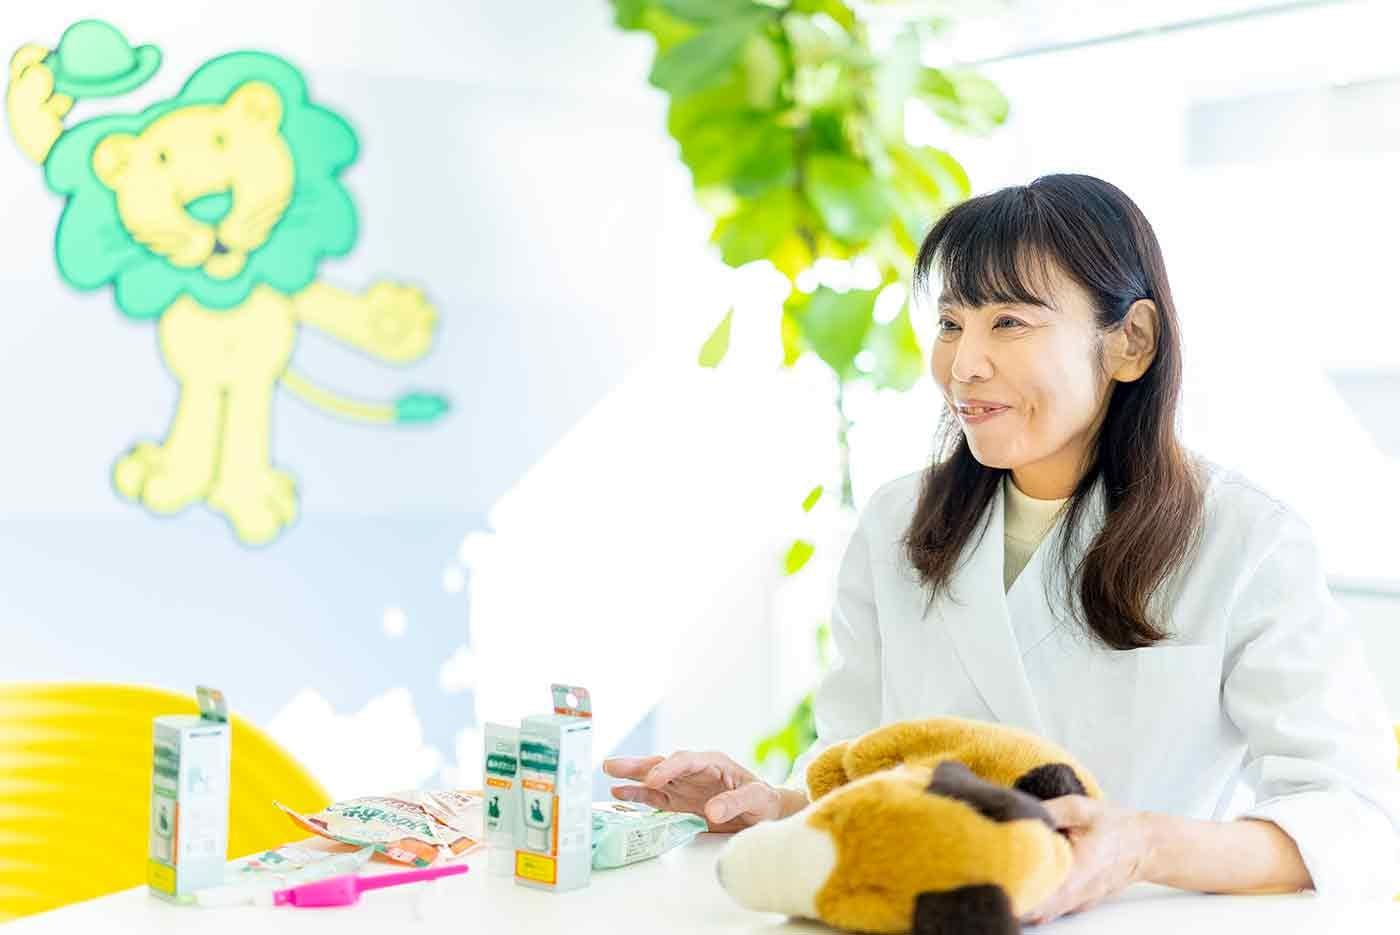 ペットの歯磨きアイテムの説明をする獣医師の遠山先生